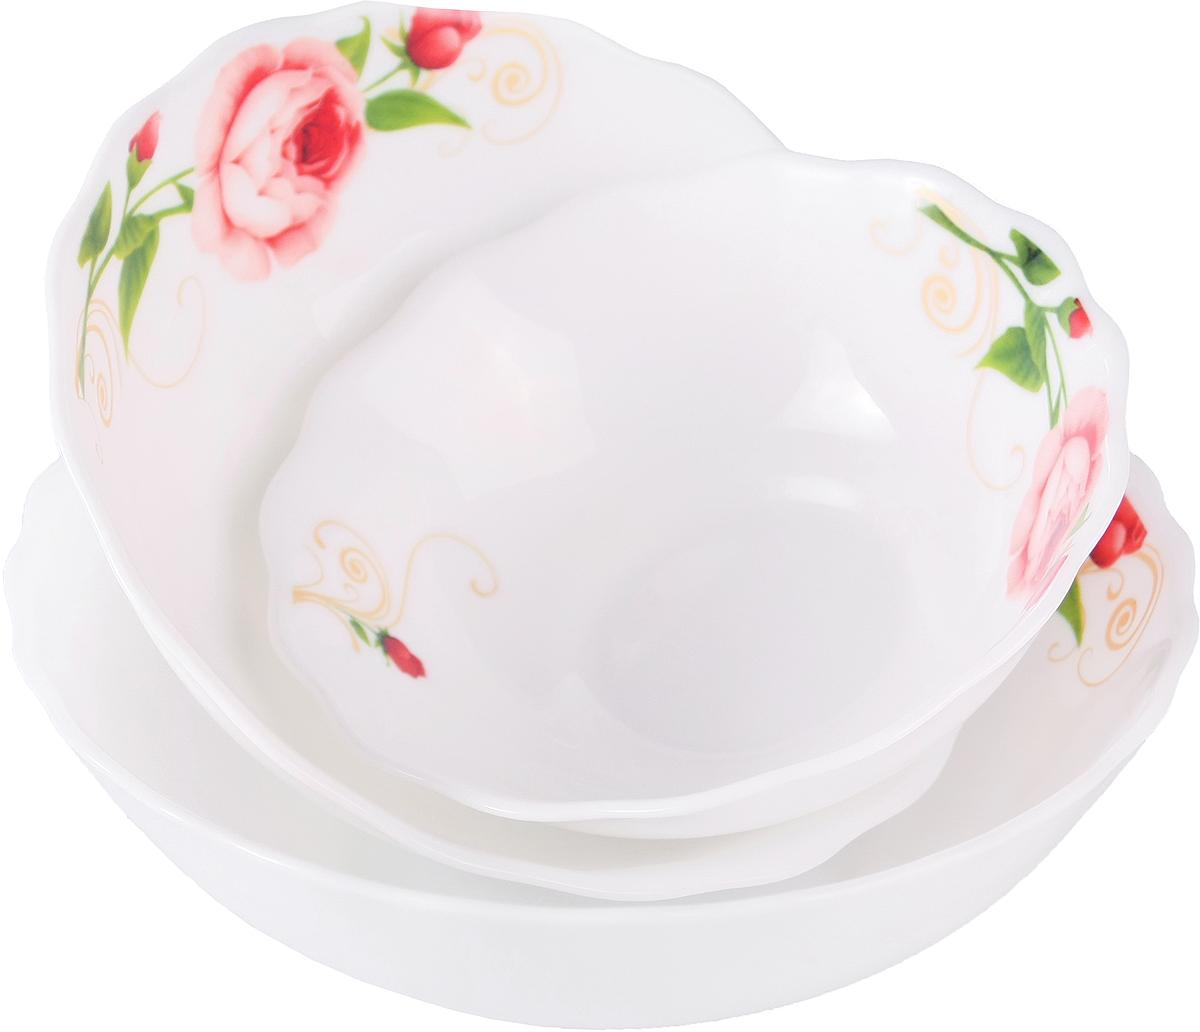 Набор столовой посуды Olaff Конфетти, 3 предмета салатник набор 6шт 600 мл ens салатник набор 6шт 600 мл